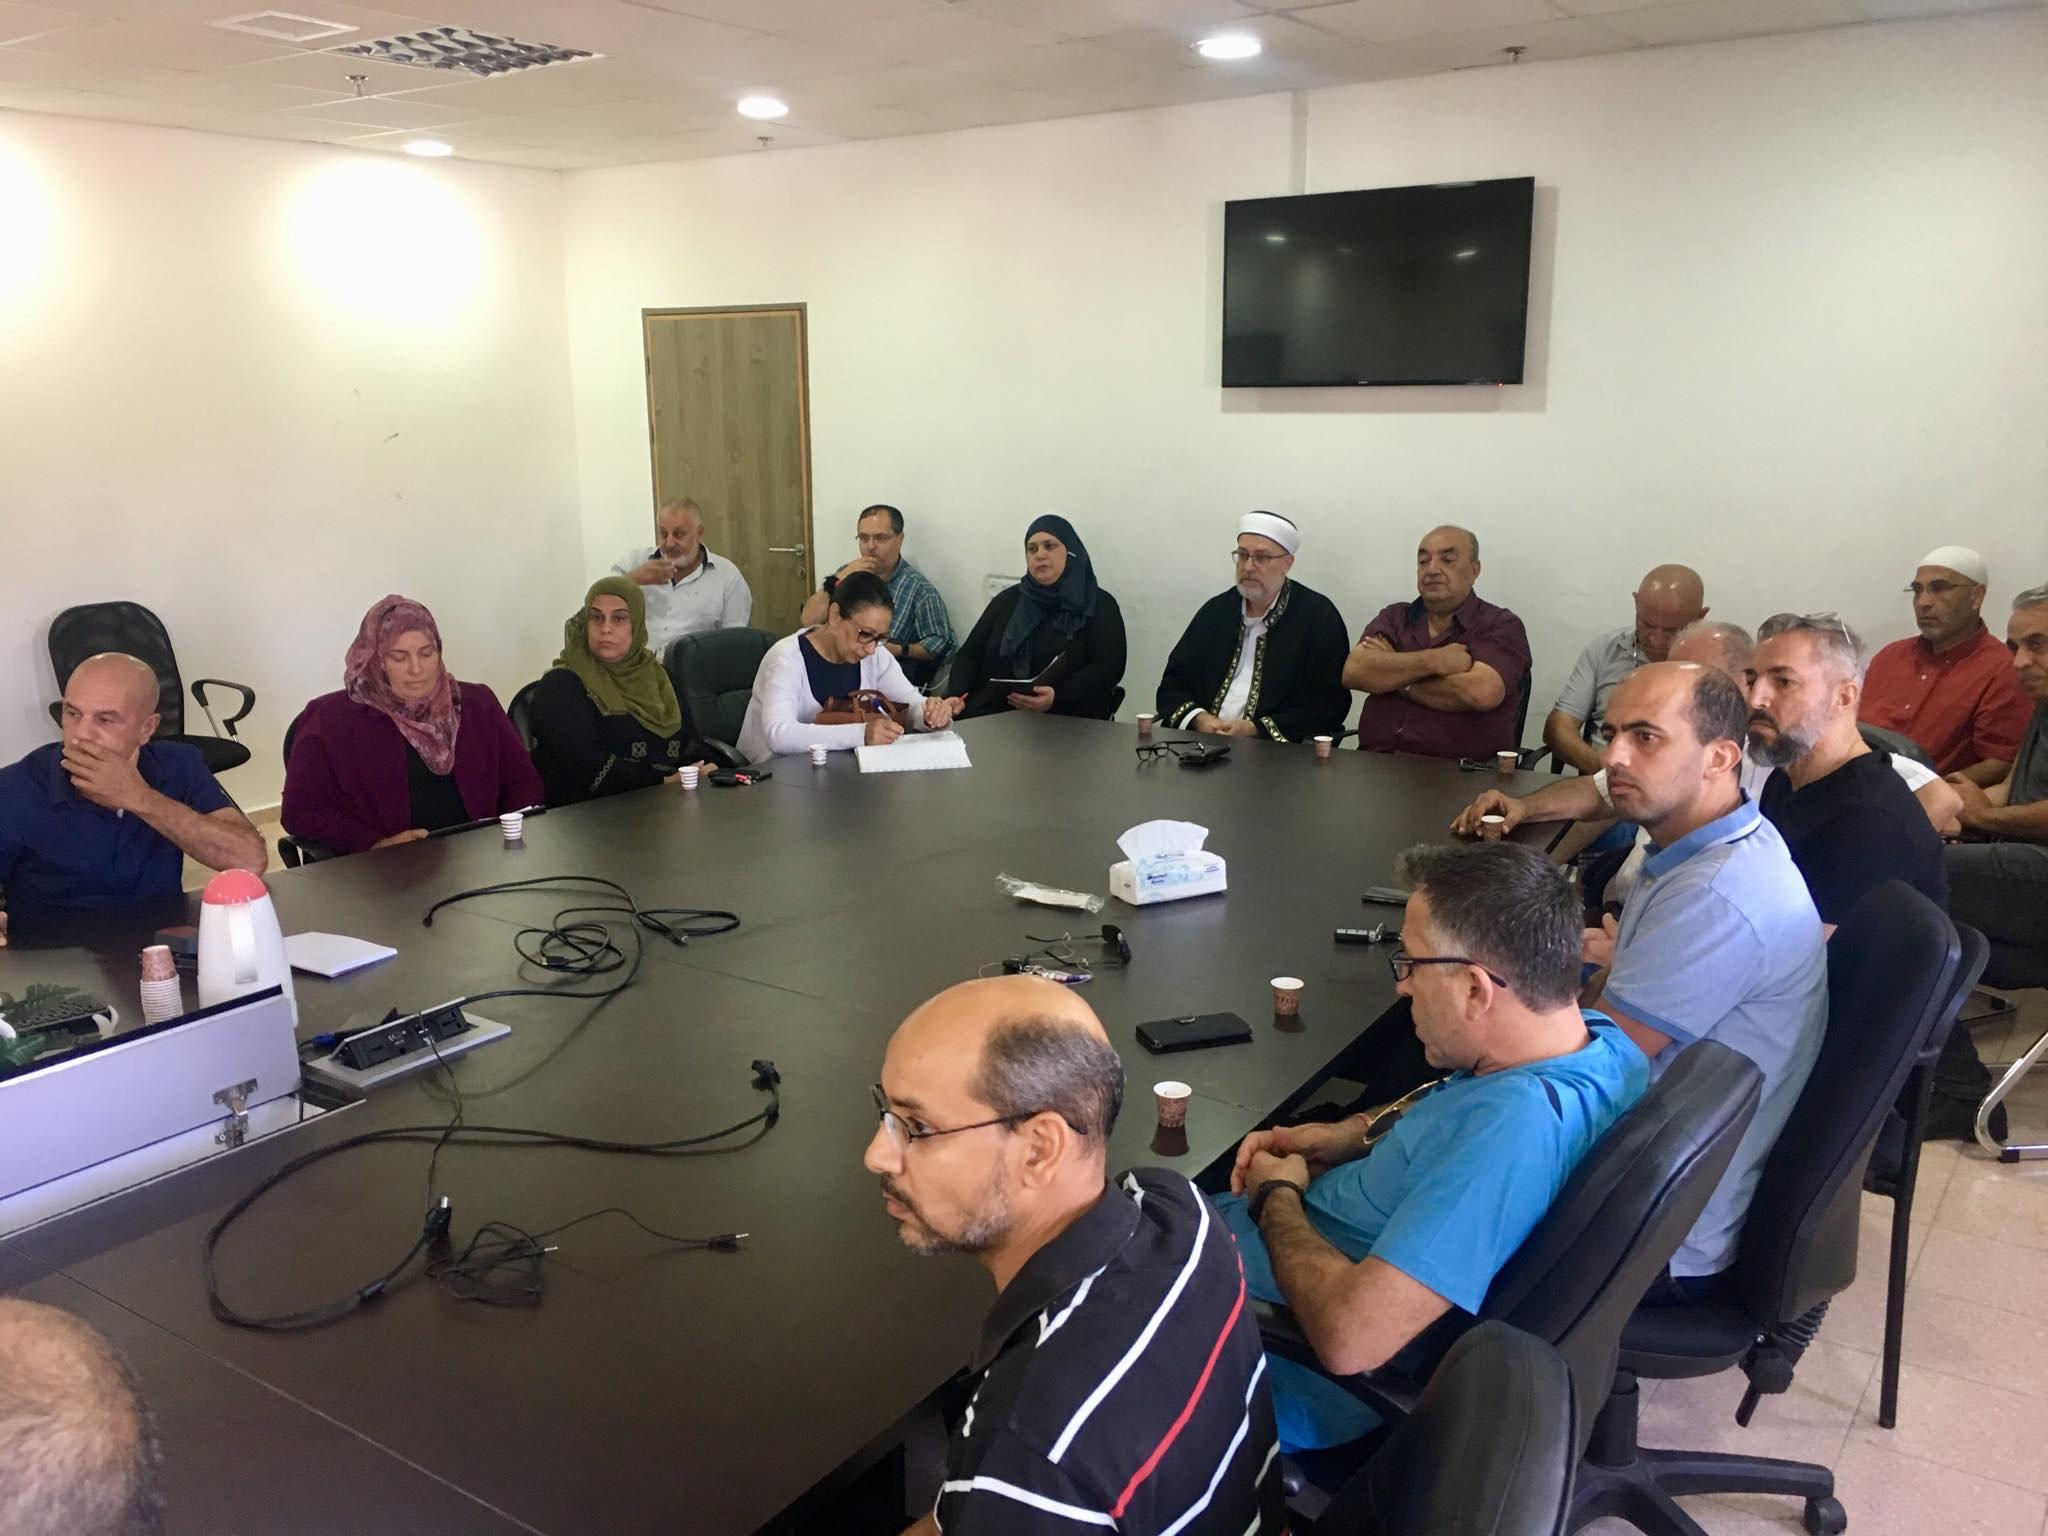 عرعرة - عارة: مظاهرة وأضراب عقب جريمة القتل-3